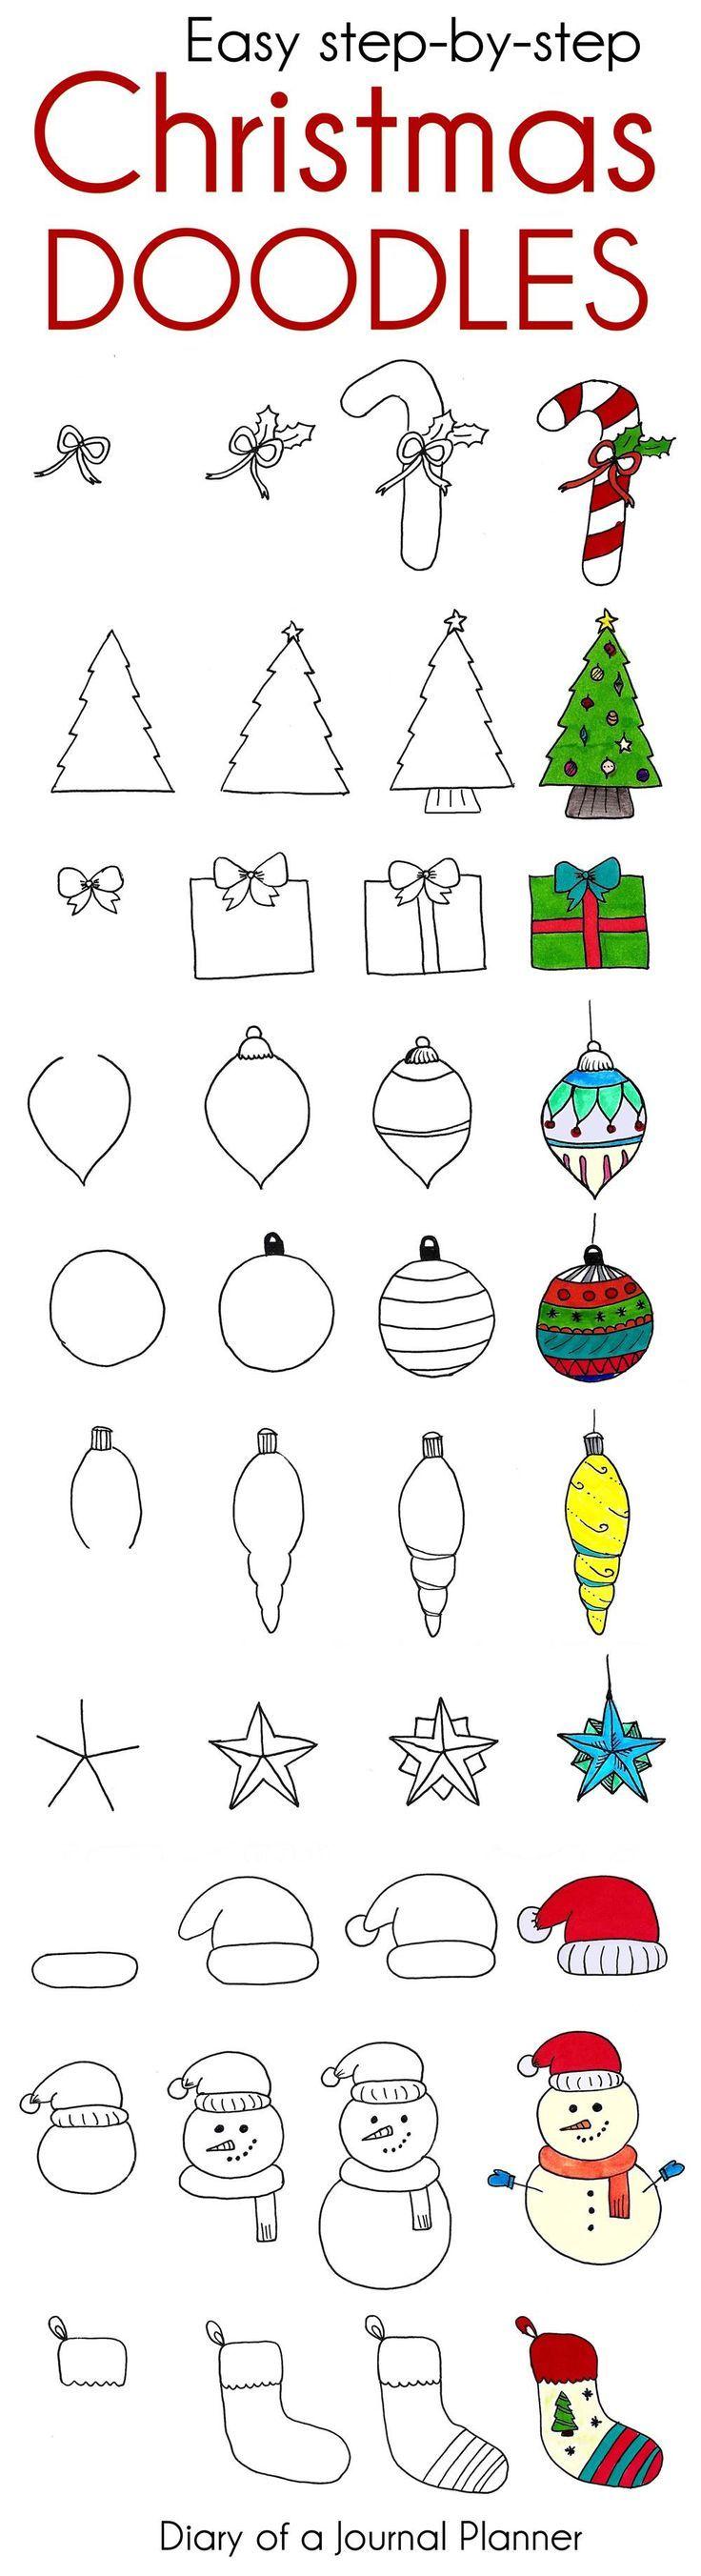 Weihnachtsgekritzel – nette Weihnachtskugel-Journal-Gekritzel zum zu kopieren